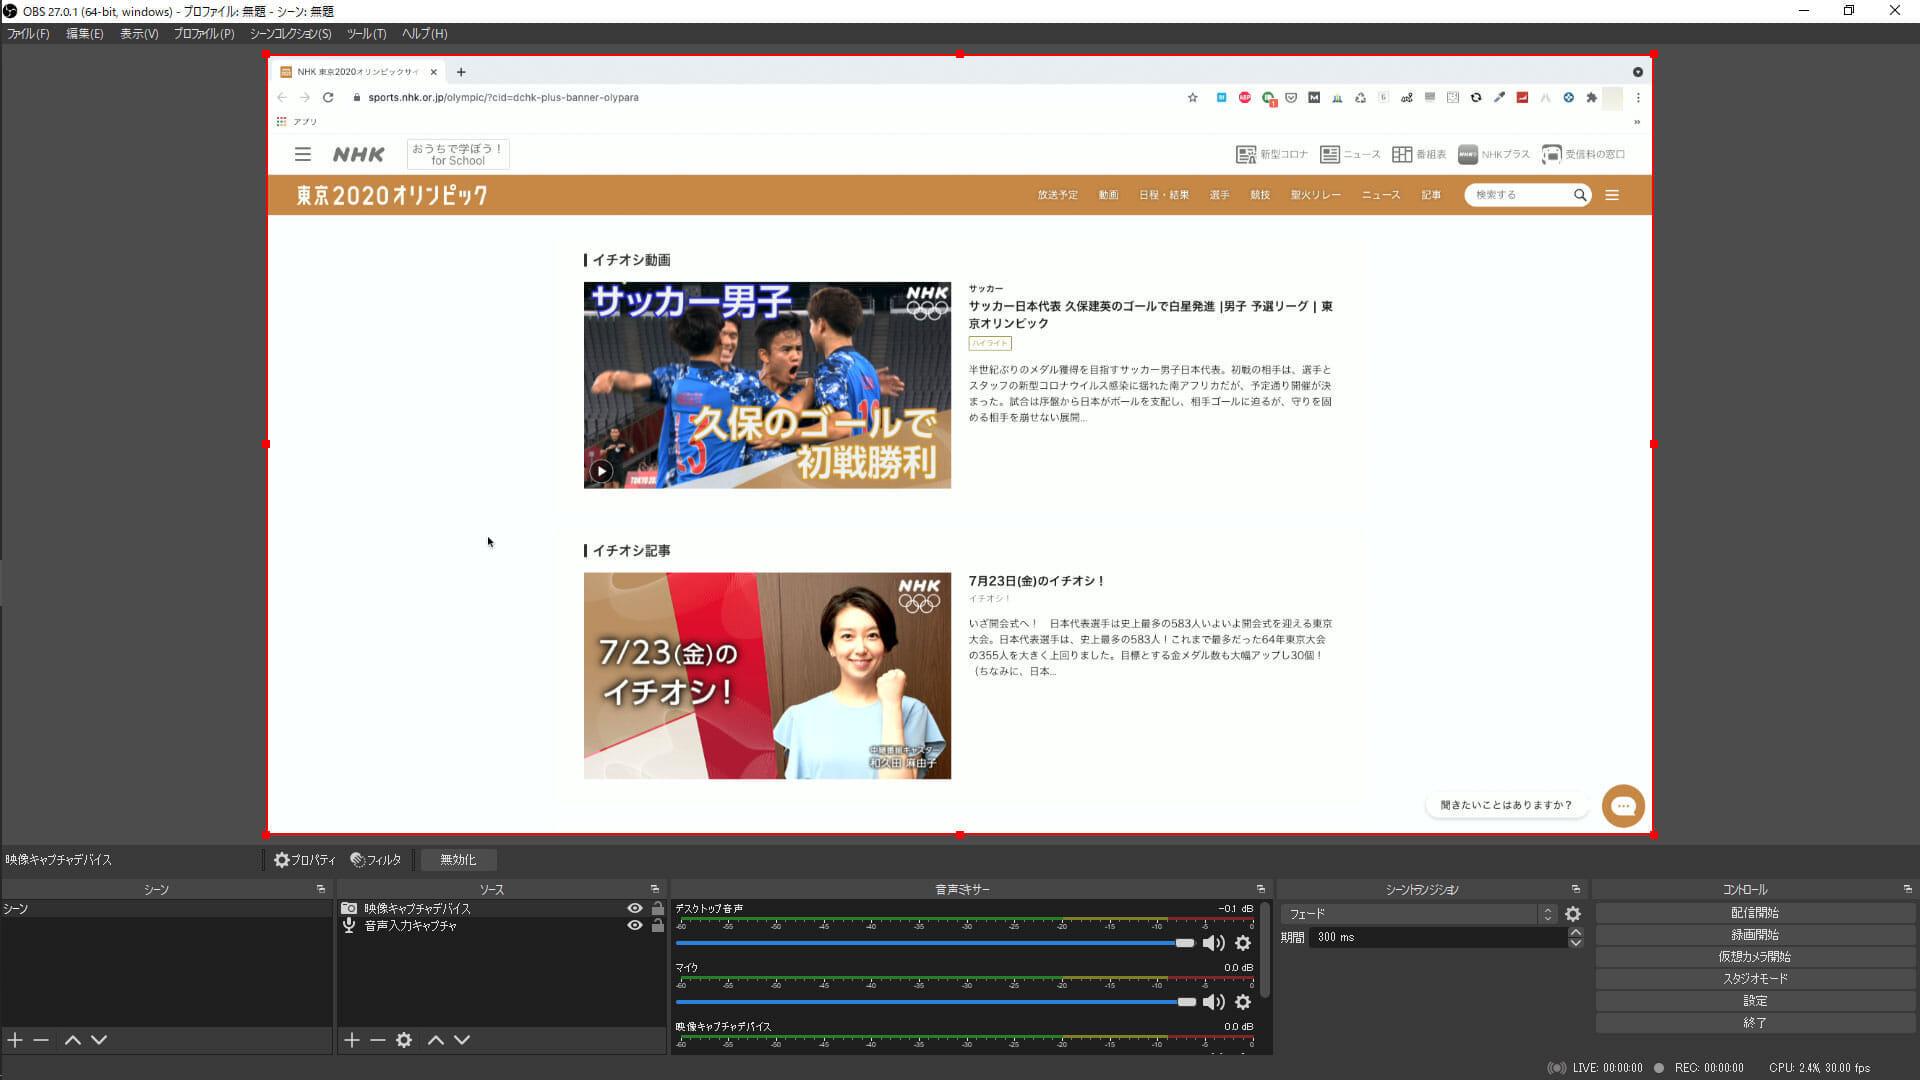 役立つ知識 【オリンピックのライブ配信&見逃し配信を録画する方法】東京2020オリンピックのライブ配信・見逃し配信をパソコンで録画する方法 録画方法:再びOBS Studioの操作画面が表示されると、パソコン(USB3.0非対応でOK)の画面がOBS Studio越しに表示されているはずです。